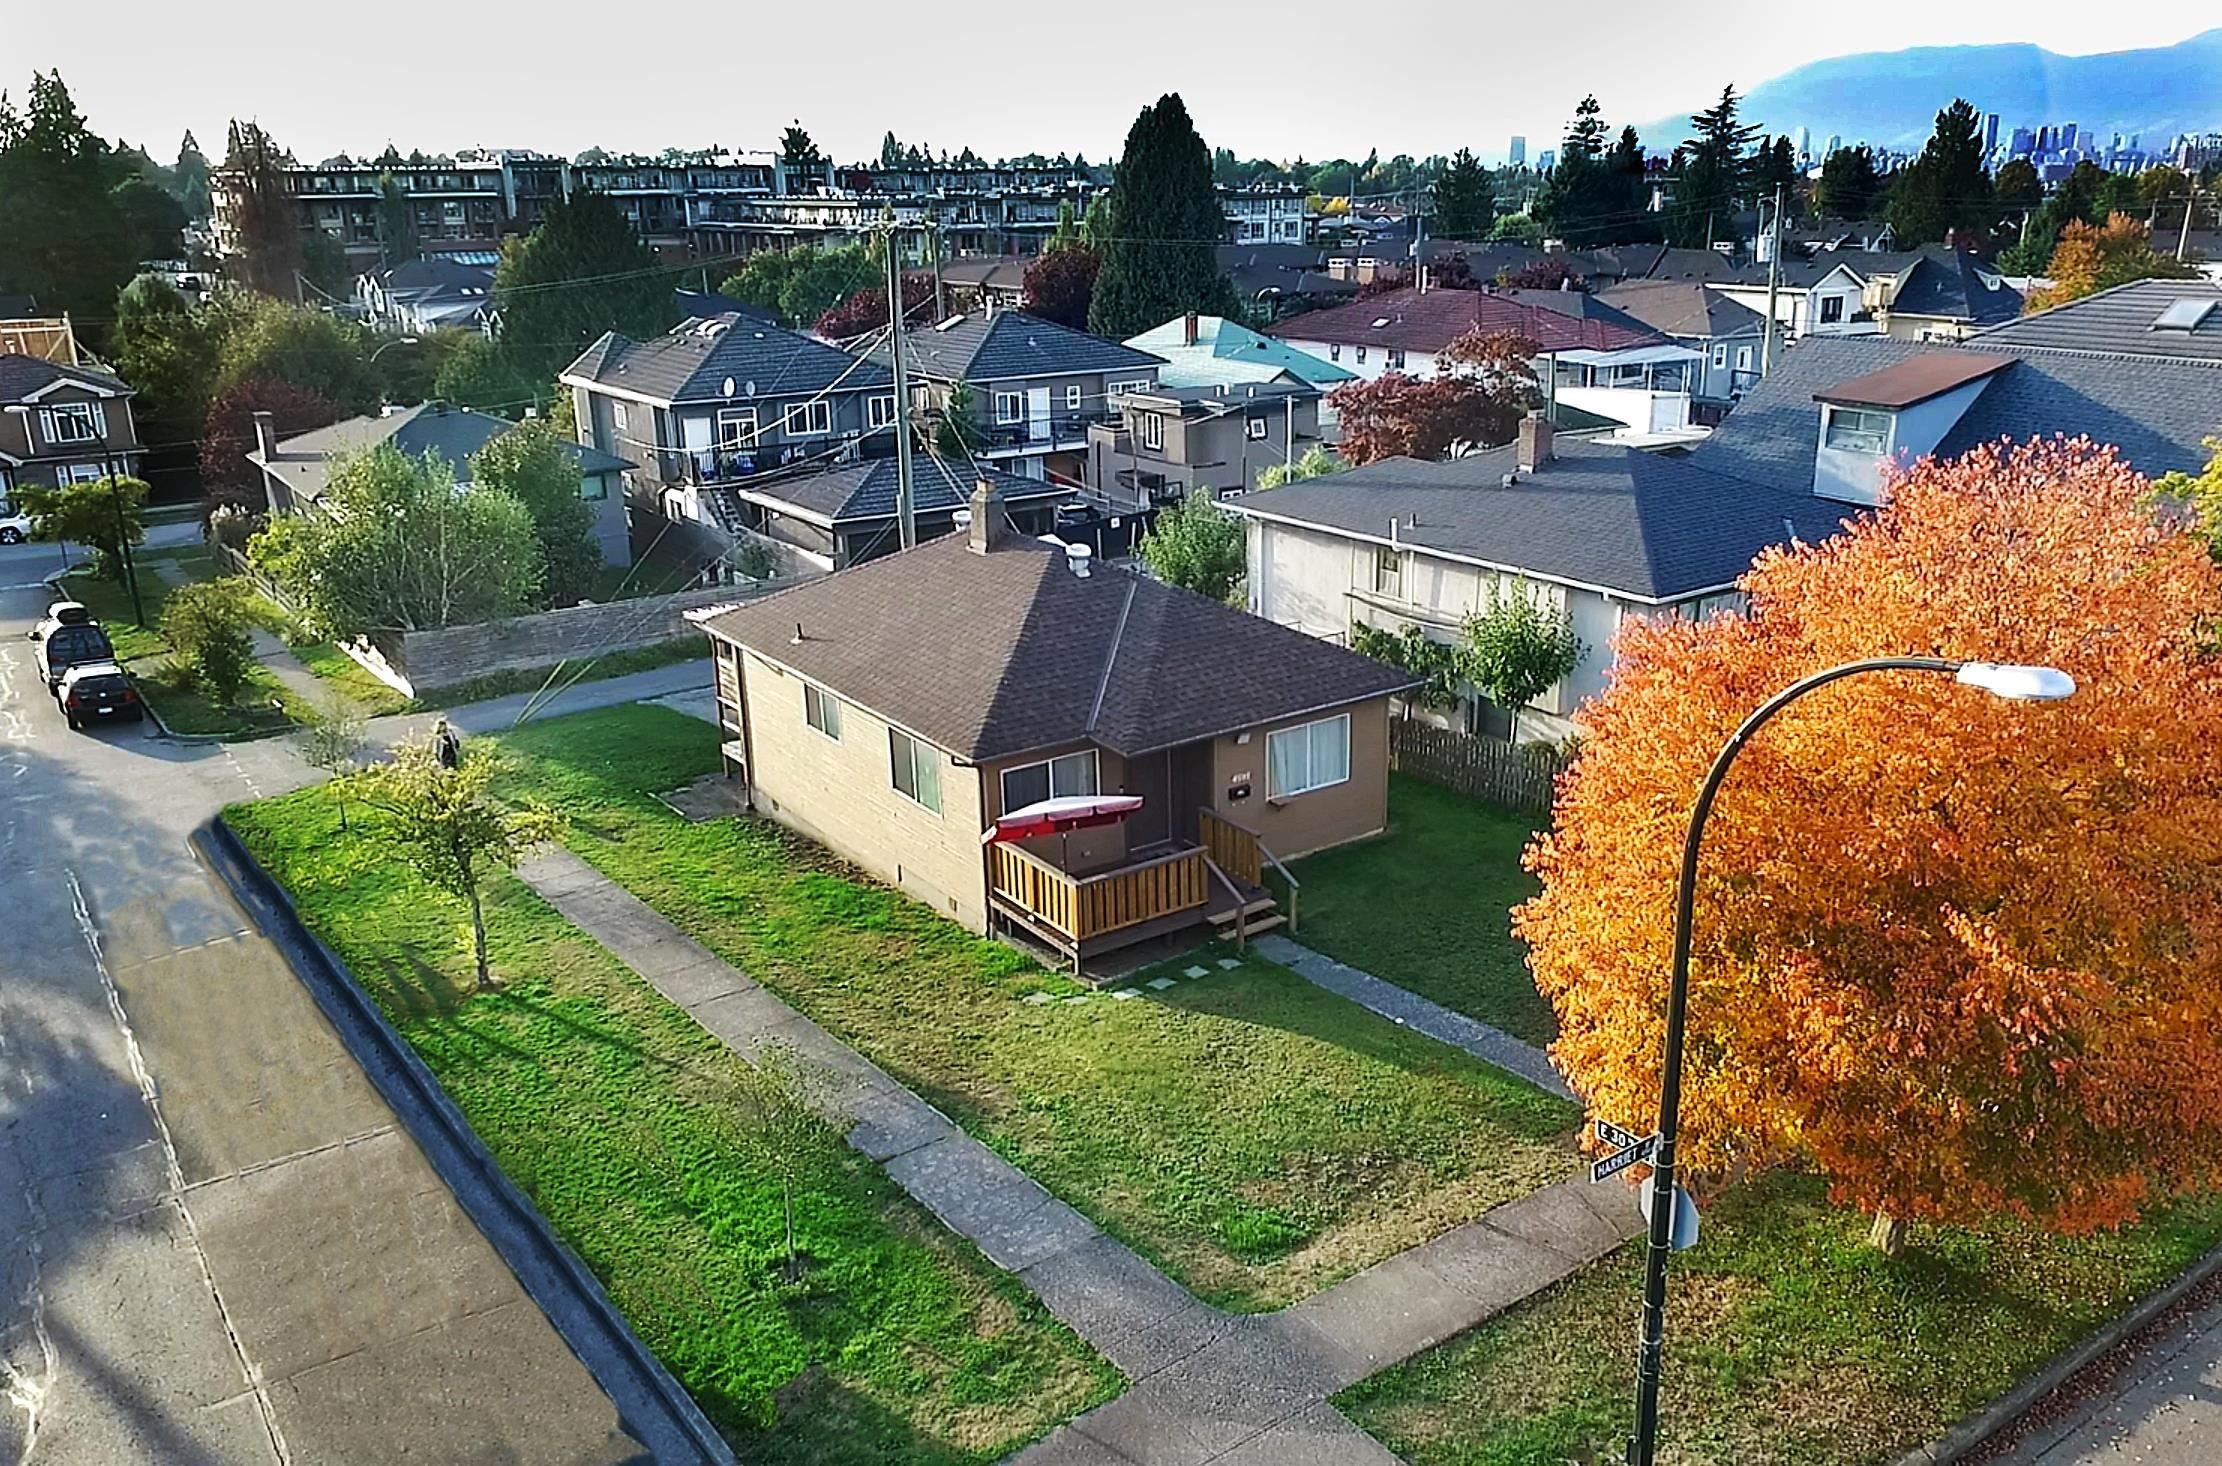 4595 HARRIET STREET - Fraser VE House/Single Family for sale, 2 Bedrooms (R2622491) - #1